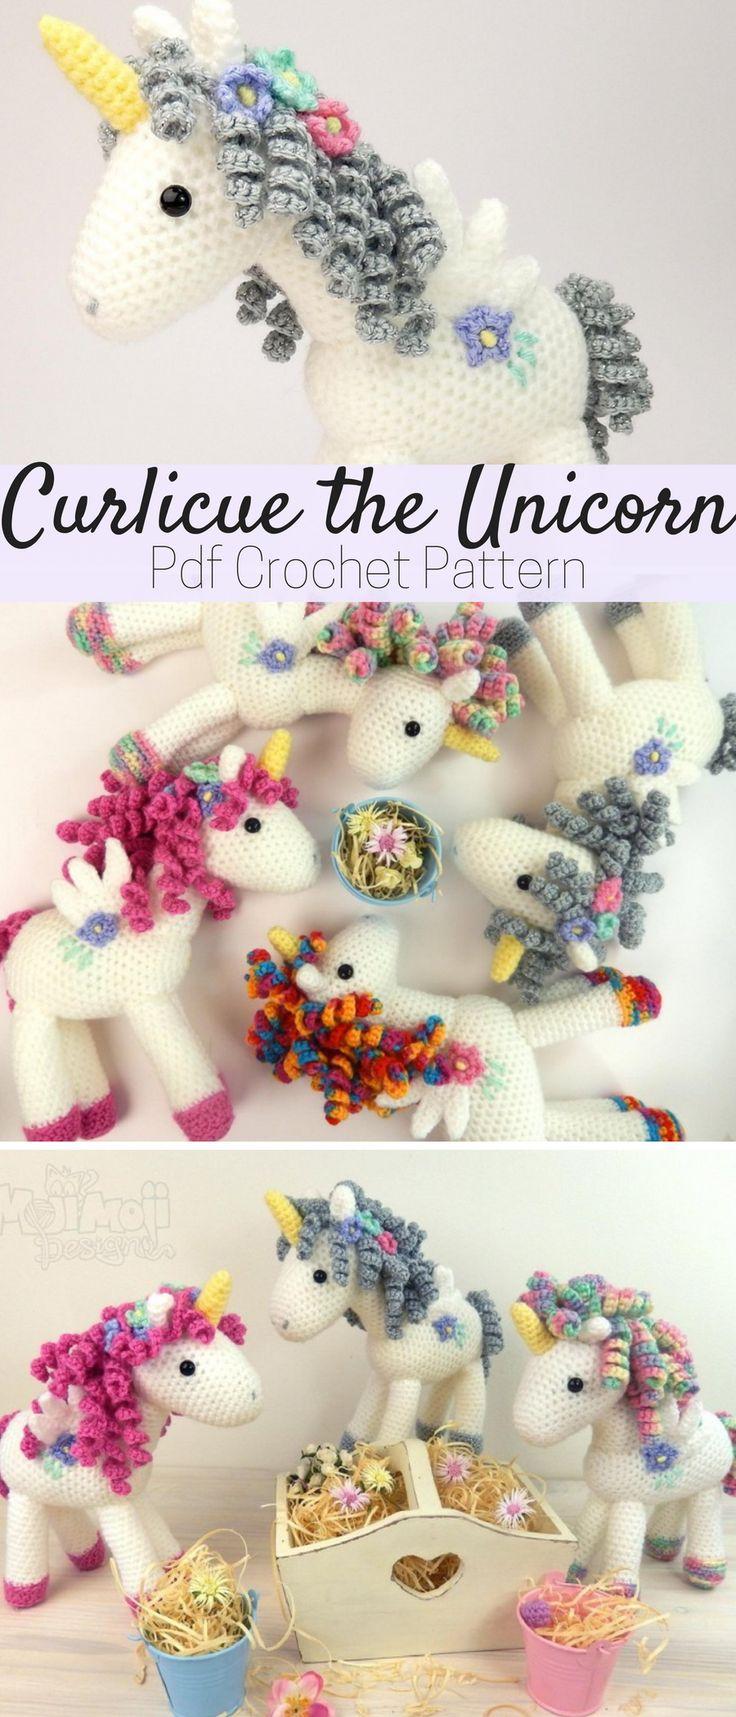 Cute Curlicue the Unicorn crochet pattern. Make as many unicorn stuffed toy you want. #unicorn #ad #crochet #pattern